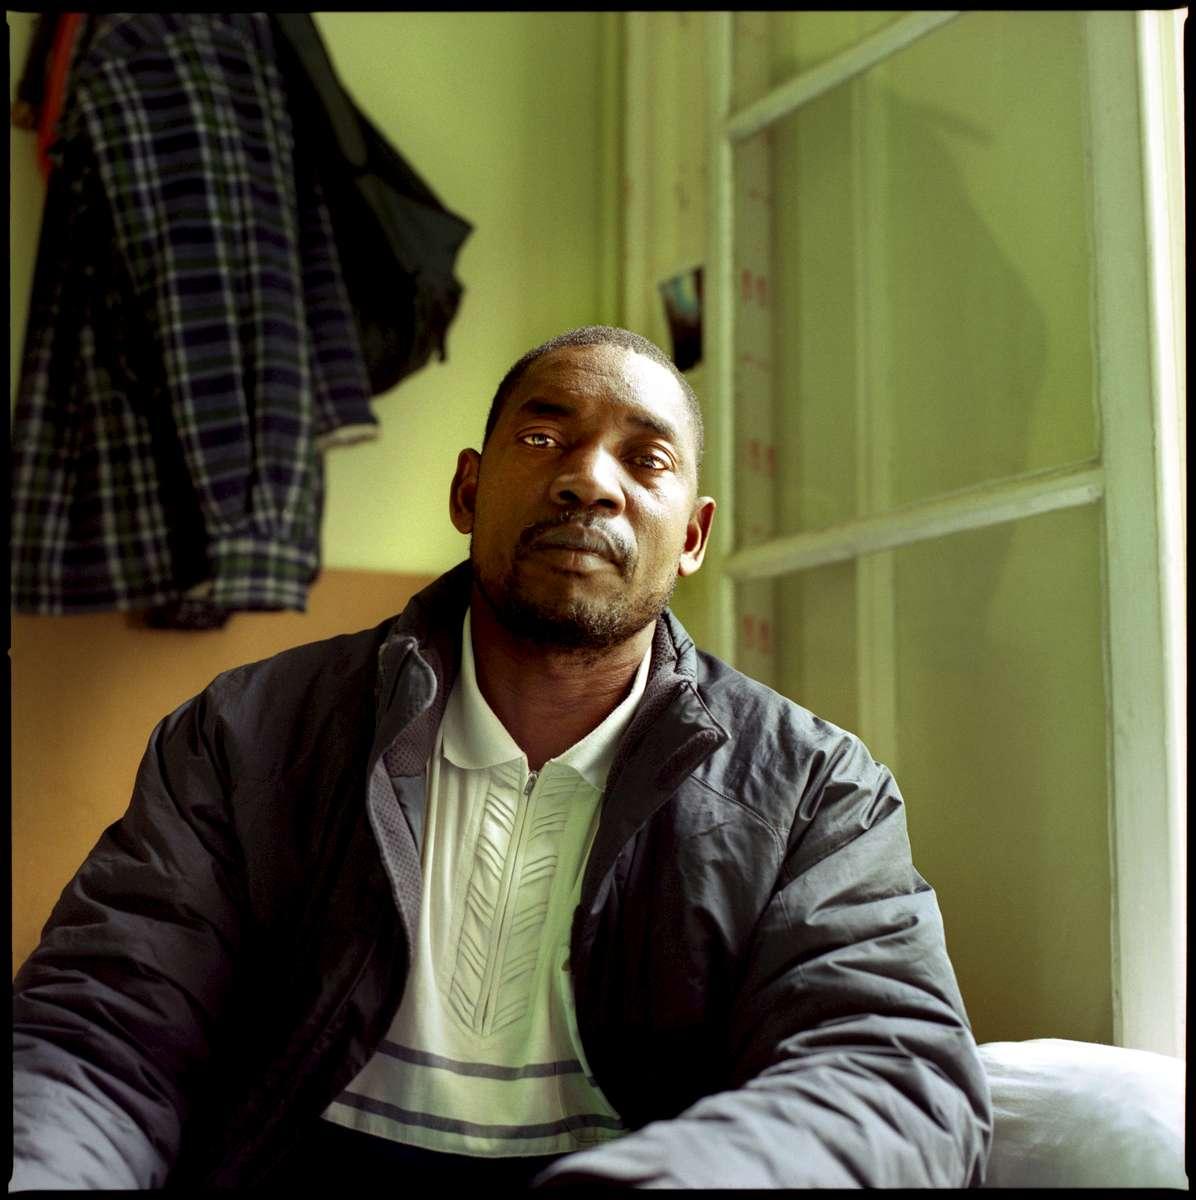 Mamadou est Malien. Il est arrivé en France en 2003. Il souhaite être régularisé pour en finir avec les patrons qui le sur-exploite, parfois même sans le payer.